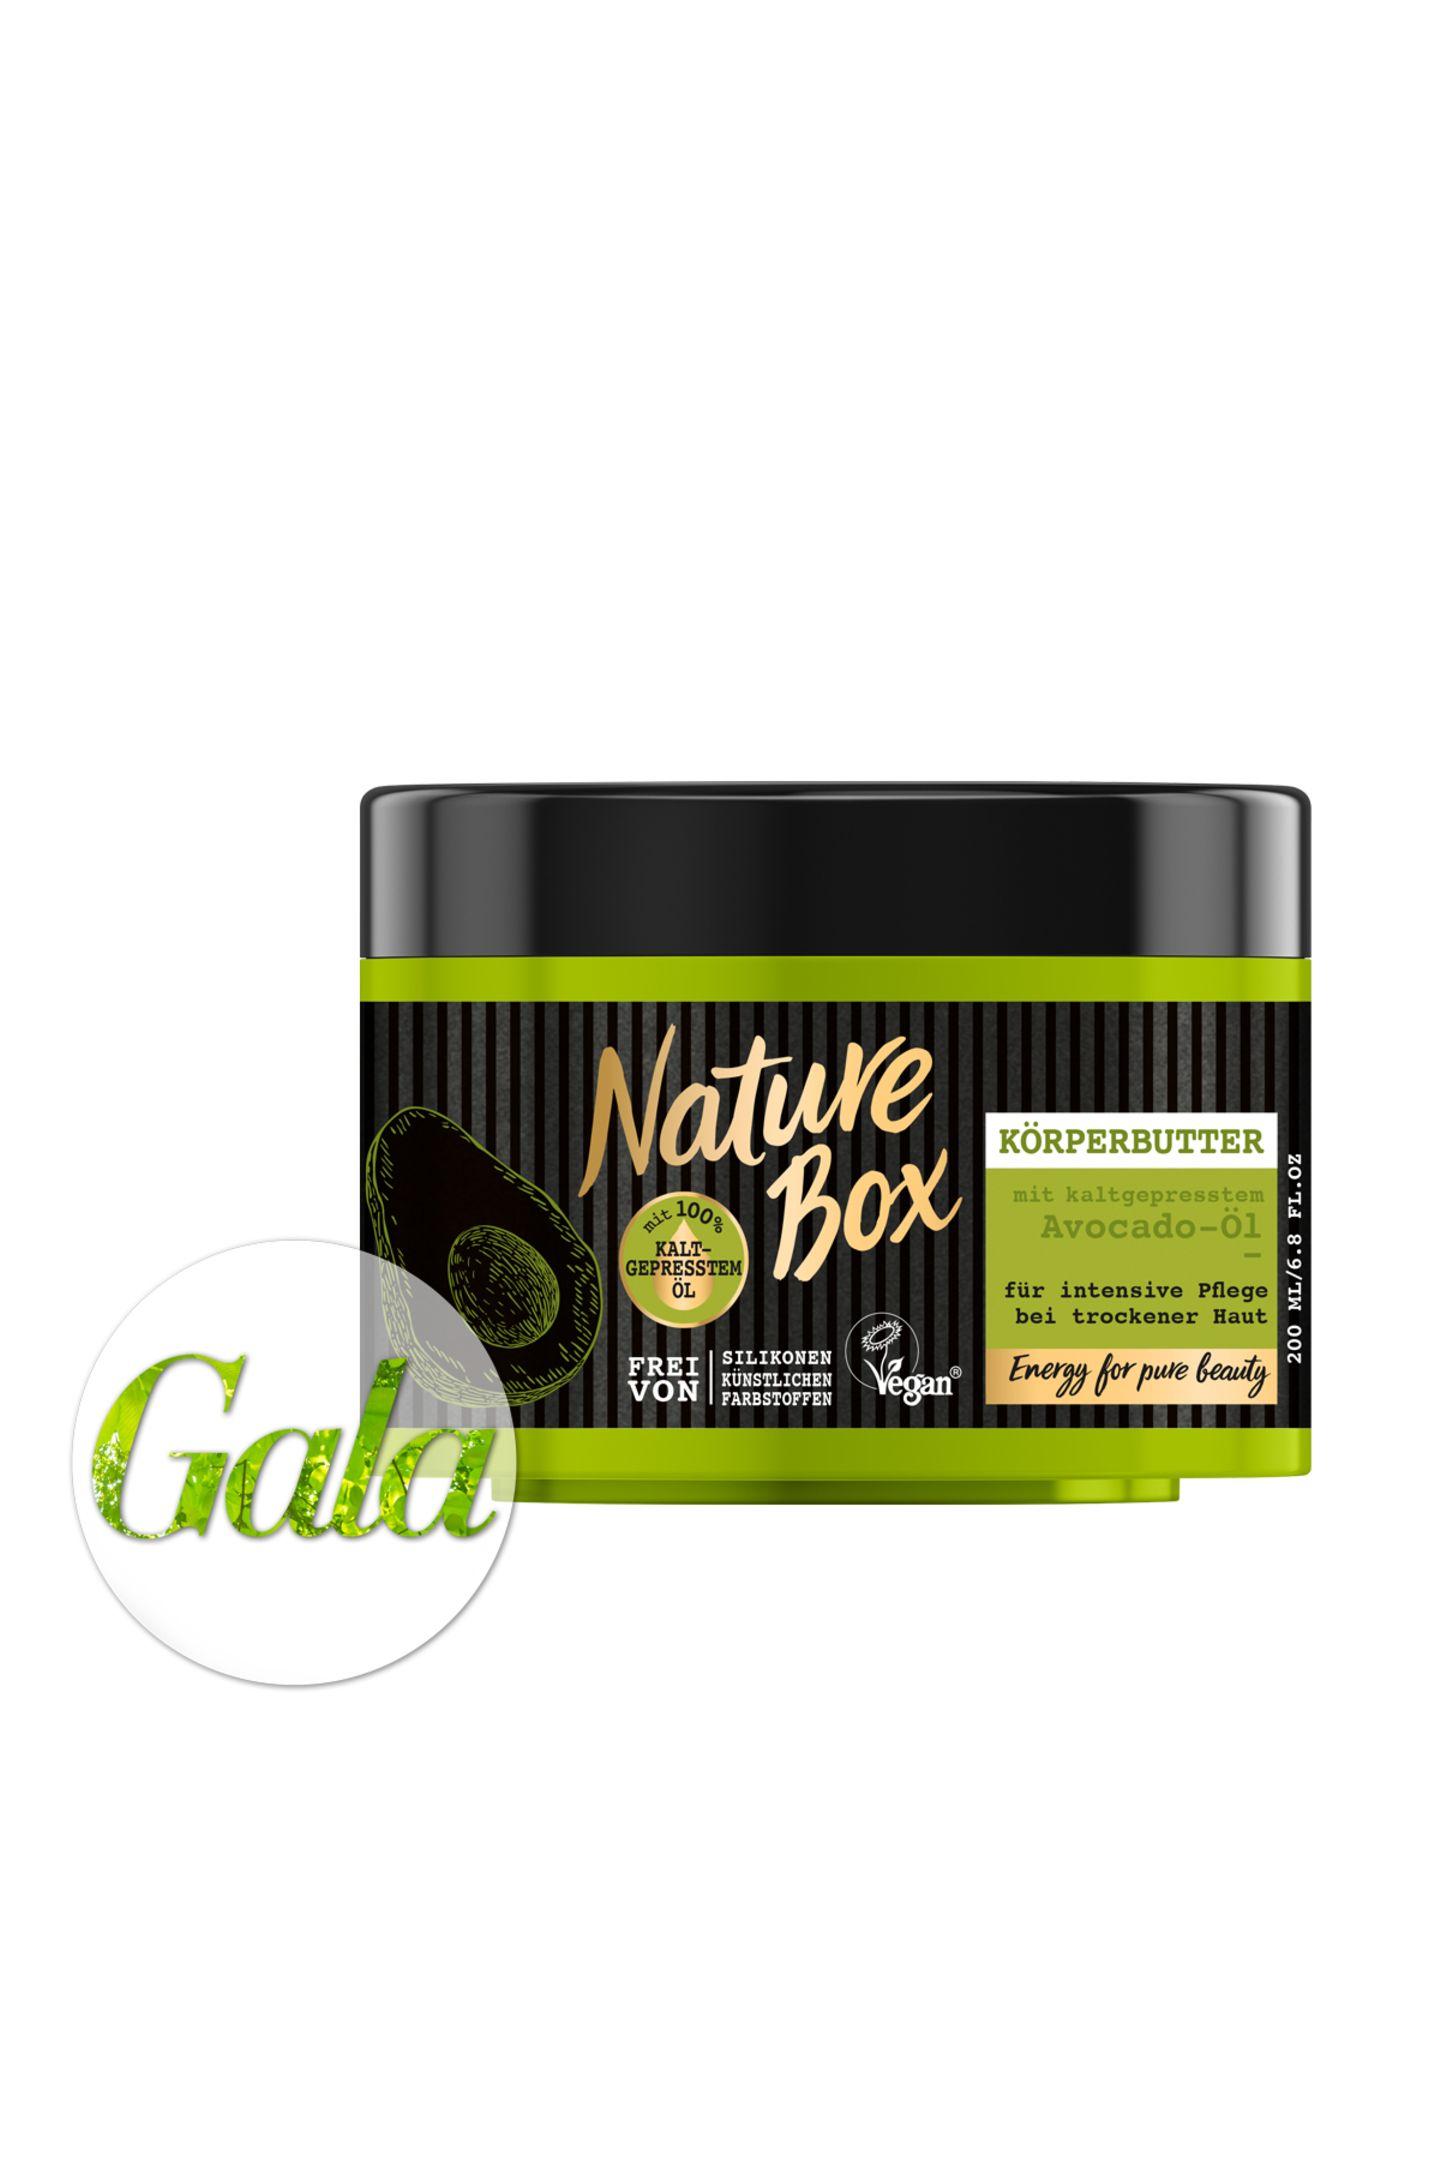 Happy Avocado Day! Am 31. Juli feiern wir den National Avocado Day. Passend dazu möchten wir Ihnen die neue Marke Nature Box vorstellen, die unter anderem eine Avocado-Pflegelinie für Haut- und Haar bietet. Unser Favorit? Die Körperbutter! Ca. 5 Euro.